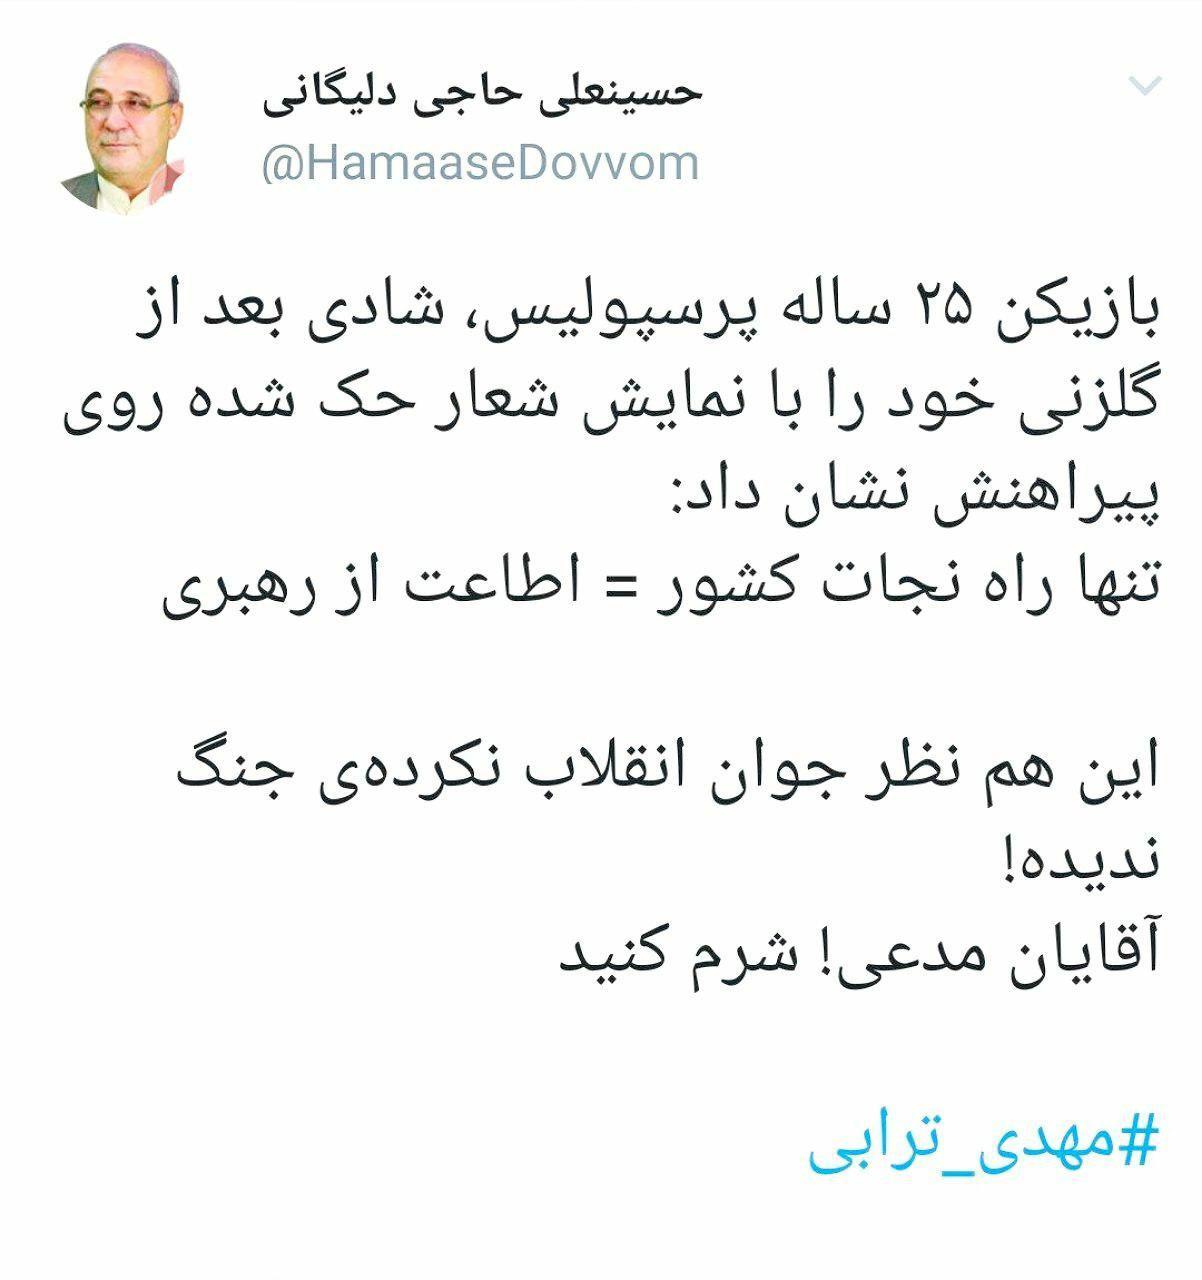 واکنش نماینده مجلس به اقدام جالب مهدی ترابی: آقایان مدعی! شرم کنید +تصویر